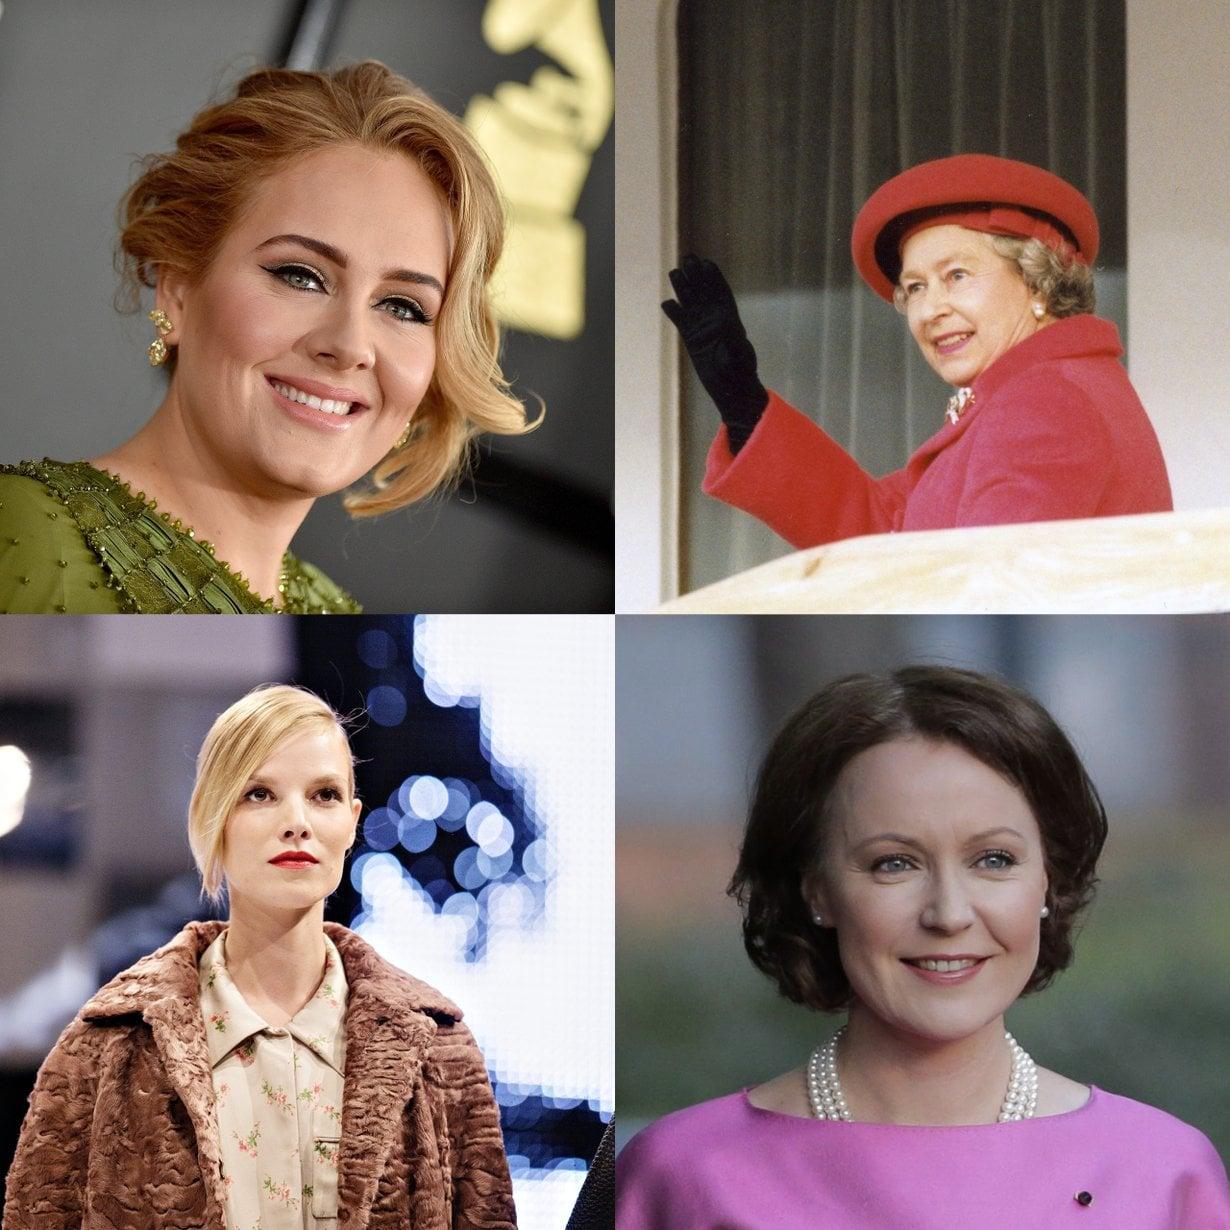 Oletko samaa porukkaa Adelen, Elisabet II:n, Suvi Riggsin tai Jenni Haukion kanssa?